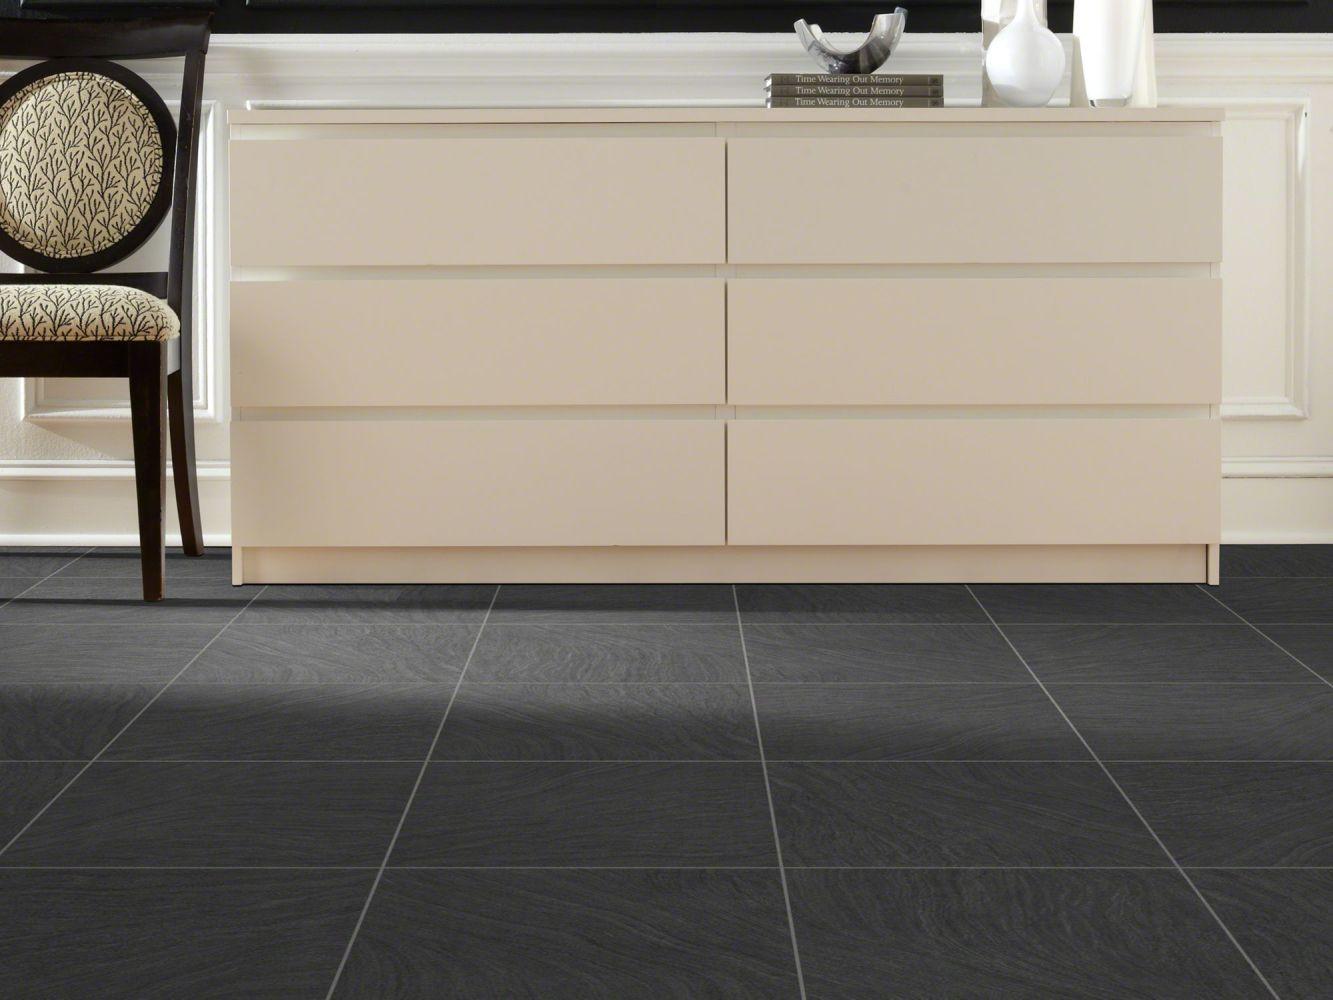 Shaw Floors Resilient Residential Renaissance Coal 00502_0331V